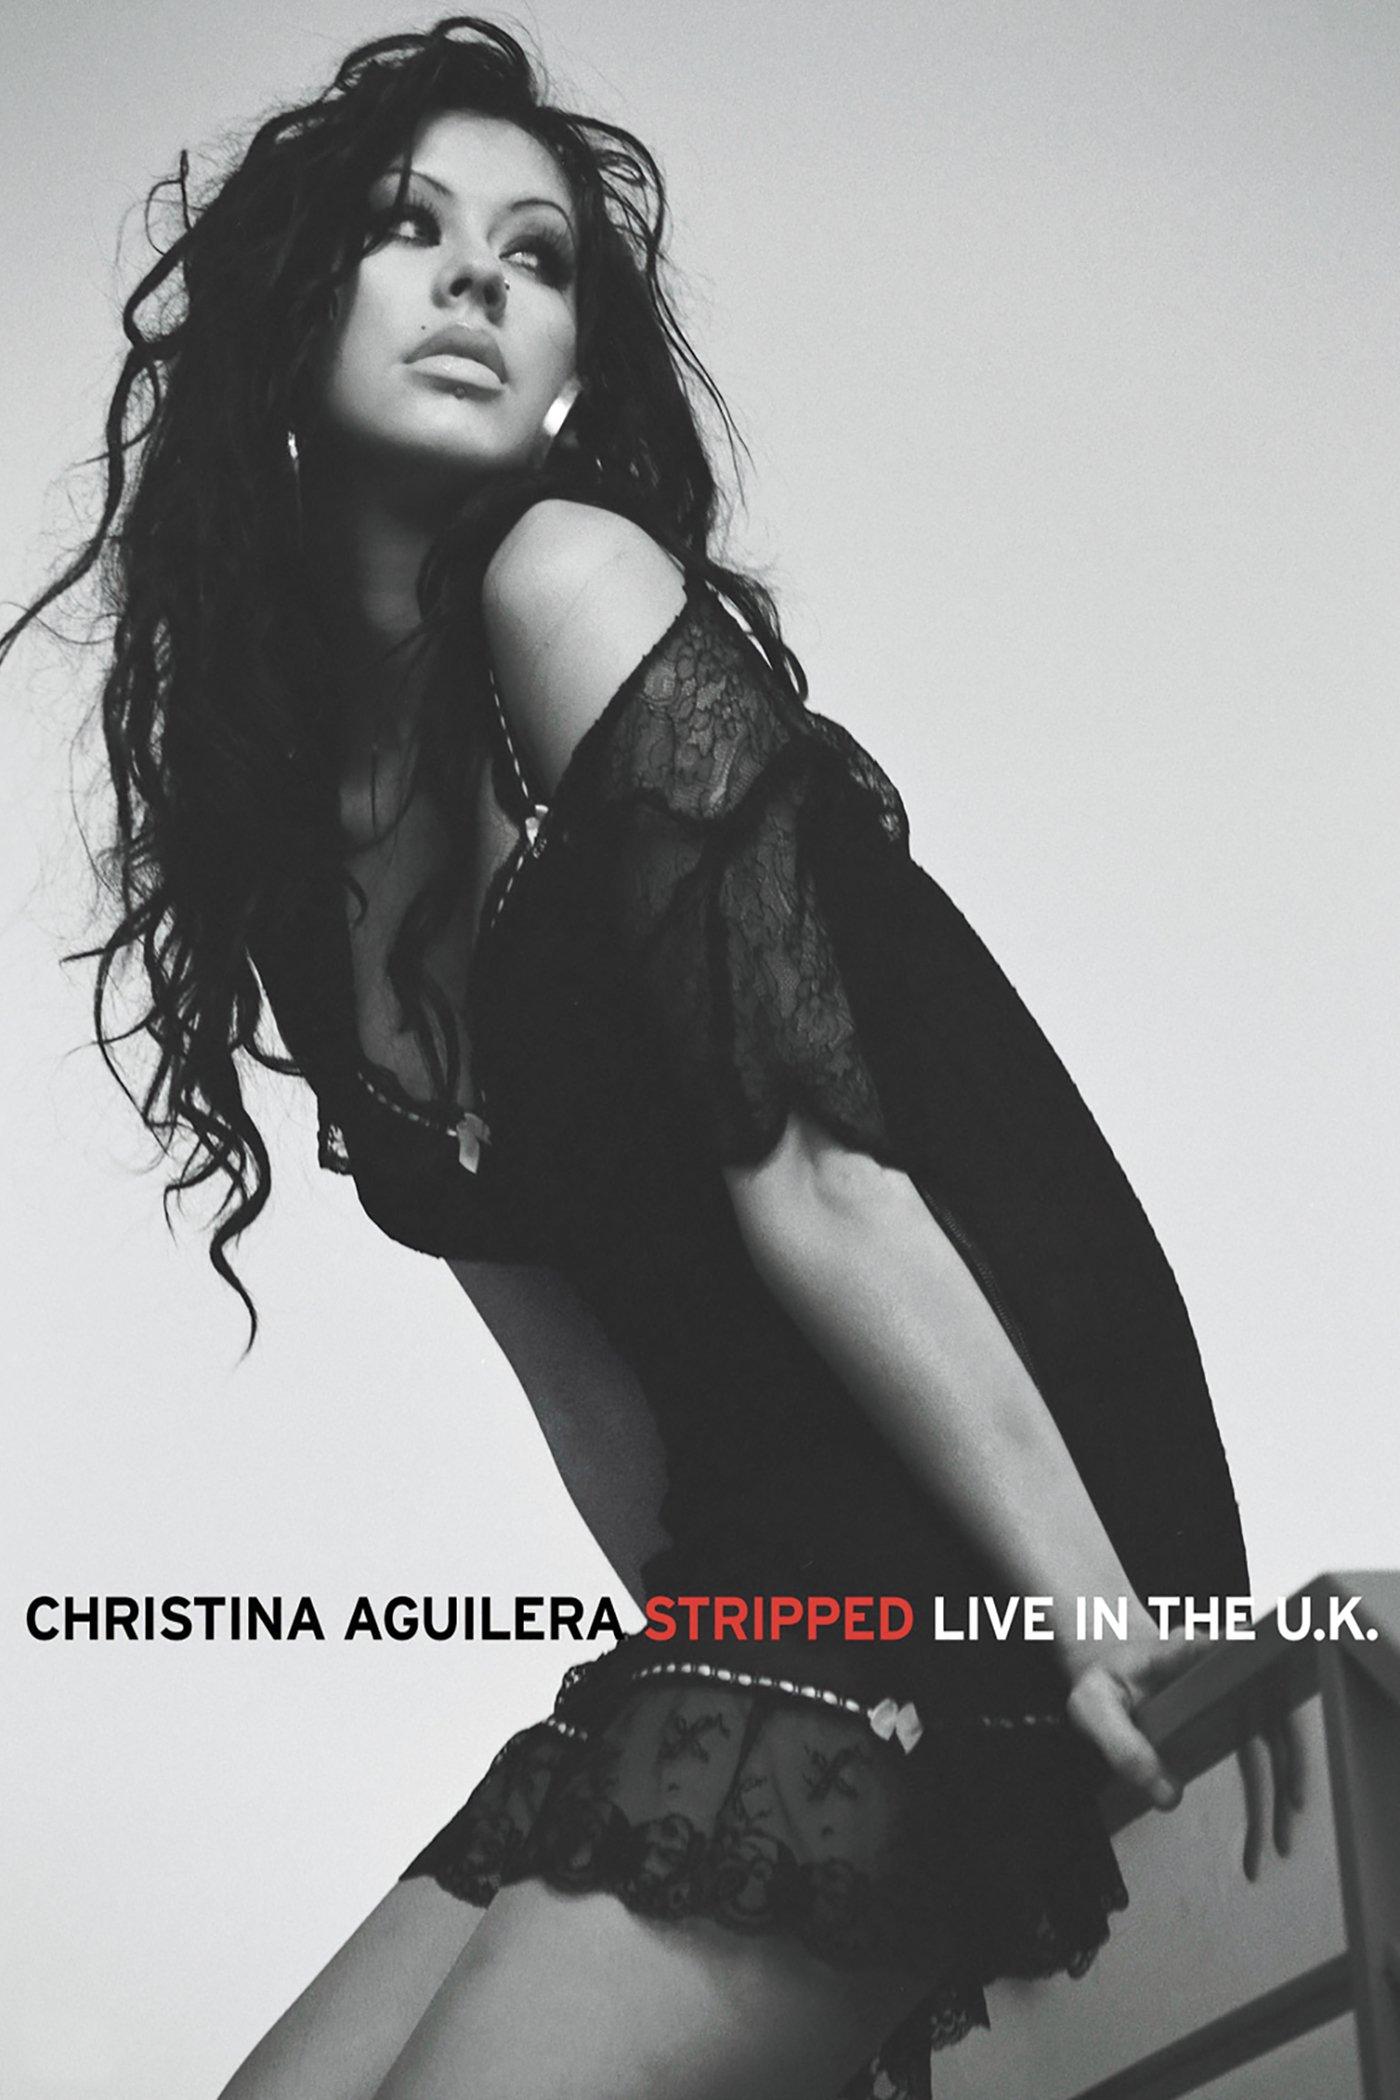 Christina Aguilera: Stripped - Live In the U.K.